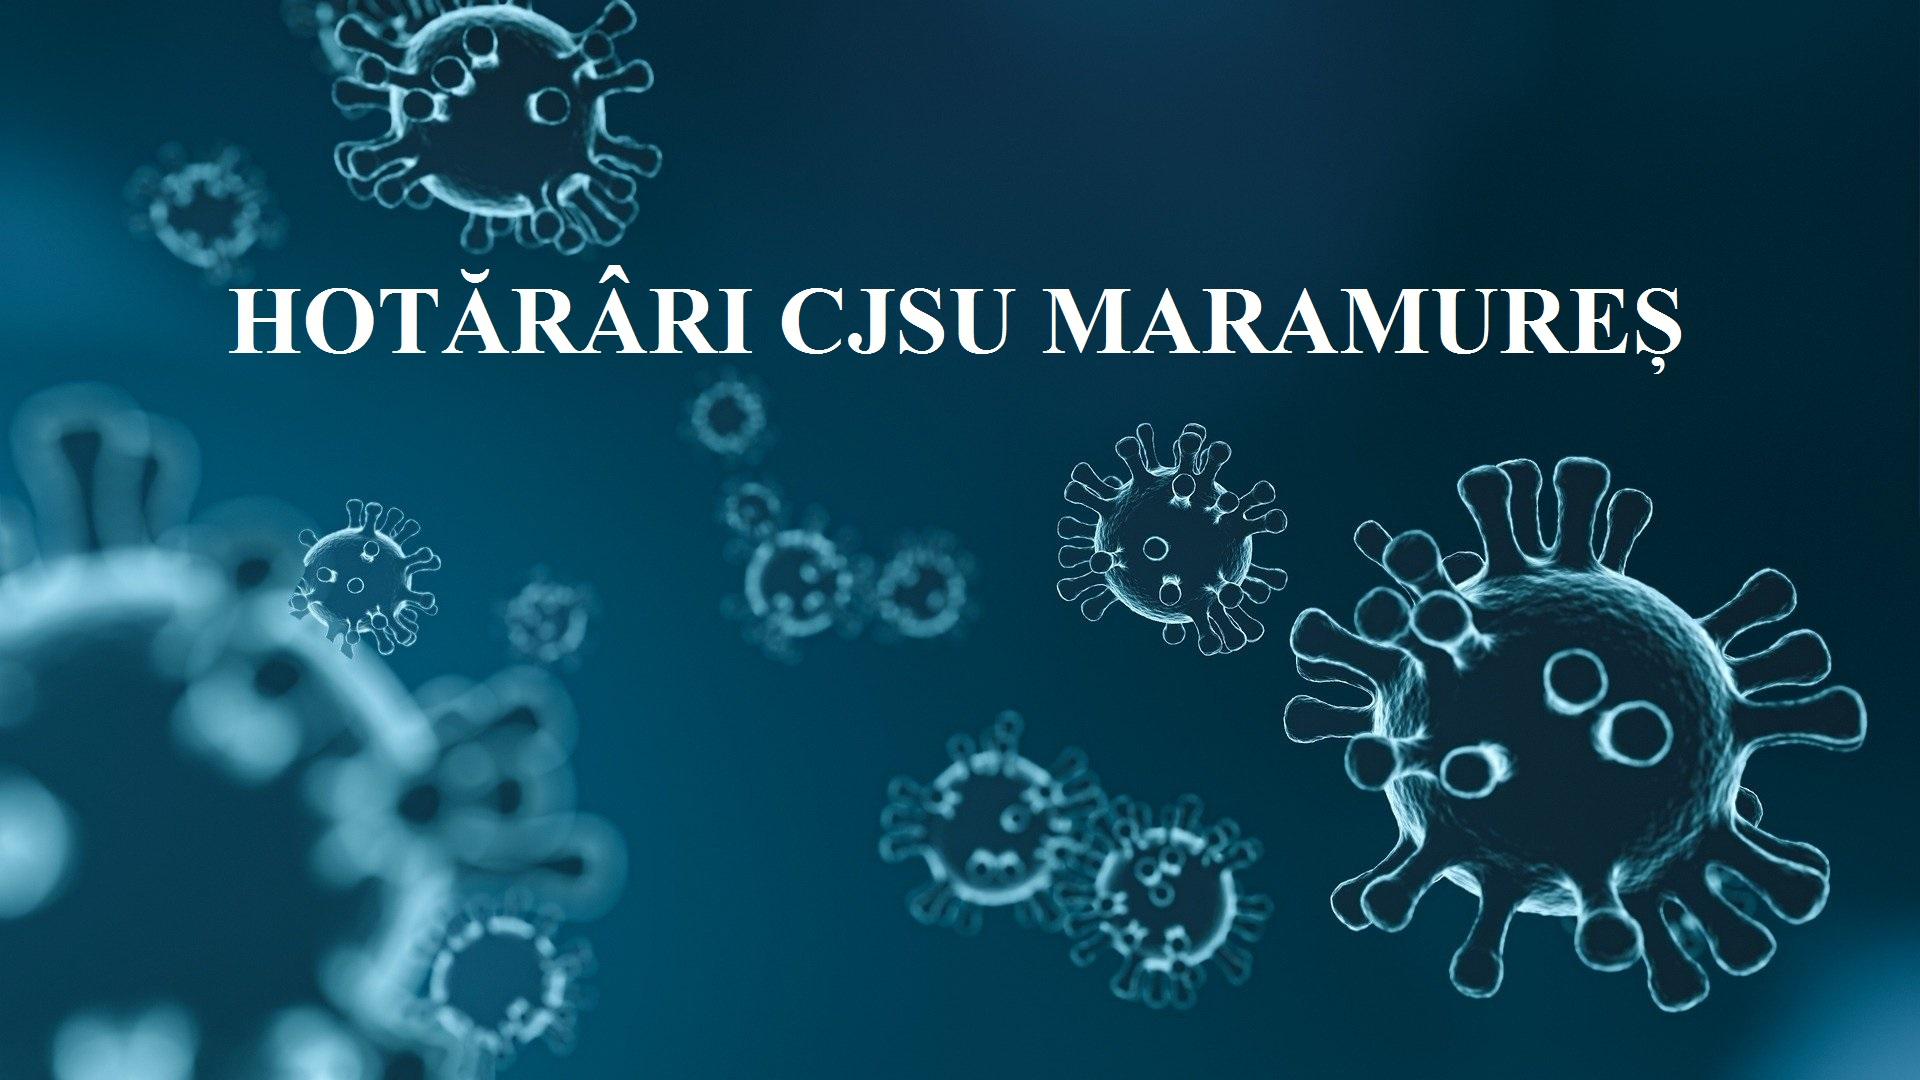 Hotarari CJSU Maramures